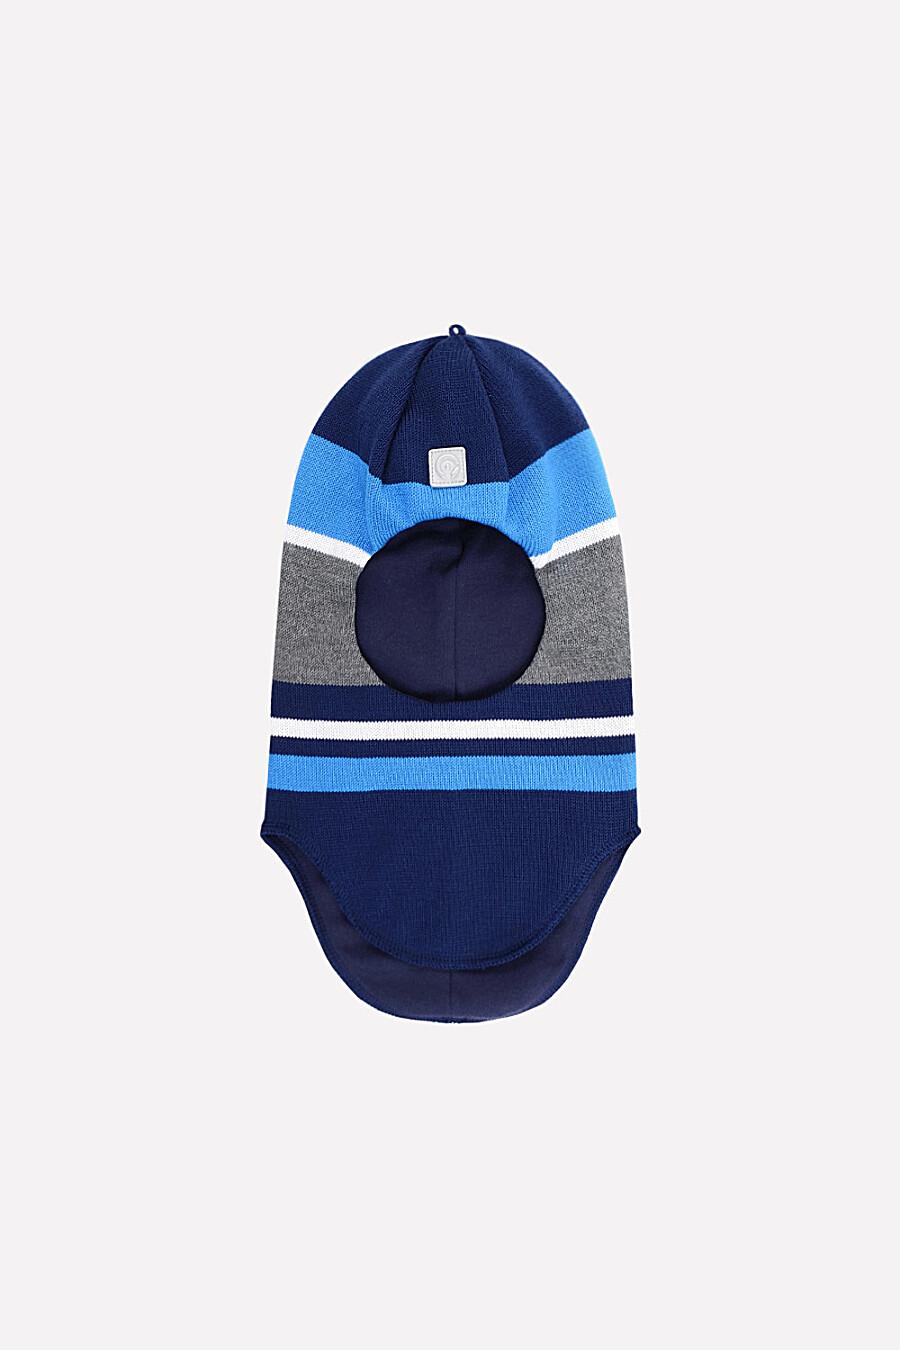 Шапка-шлем для мальчиков CROCKID 175813 купить оптом от производителя. Совместная покупка детской одежды в OptMoyo